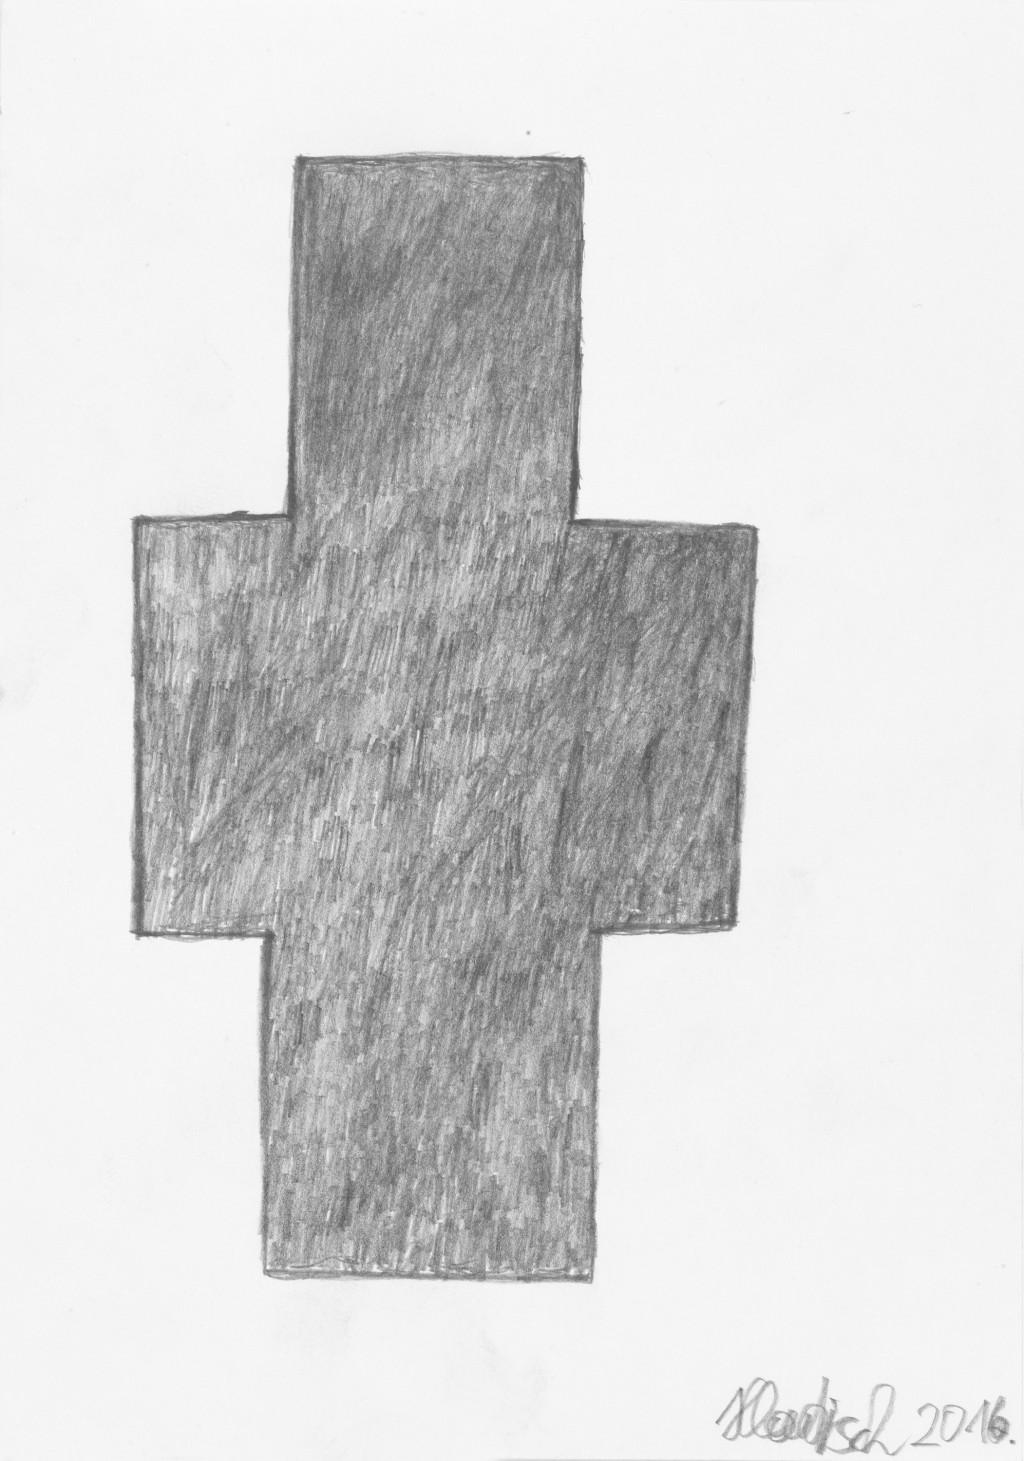 Cross, 2016. graphite sur papier, 21.4 x 15.1 cm - © christian berst — art brut